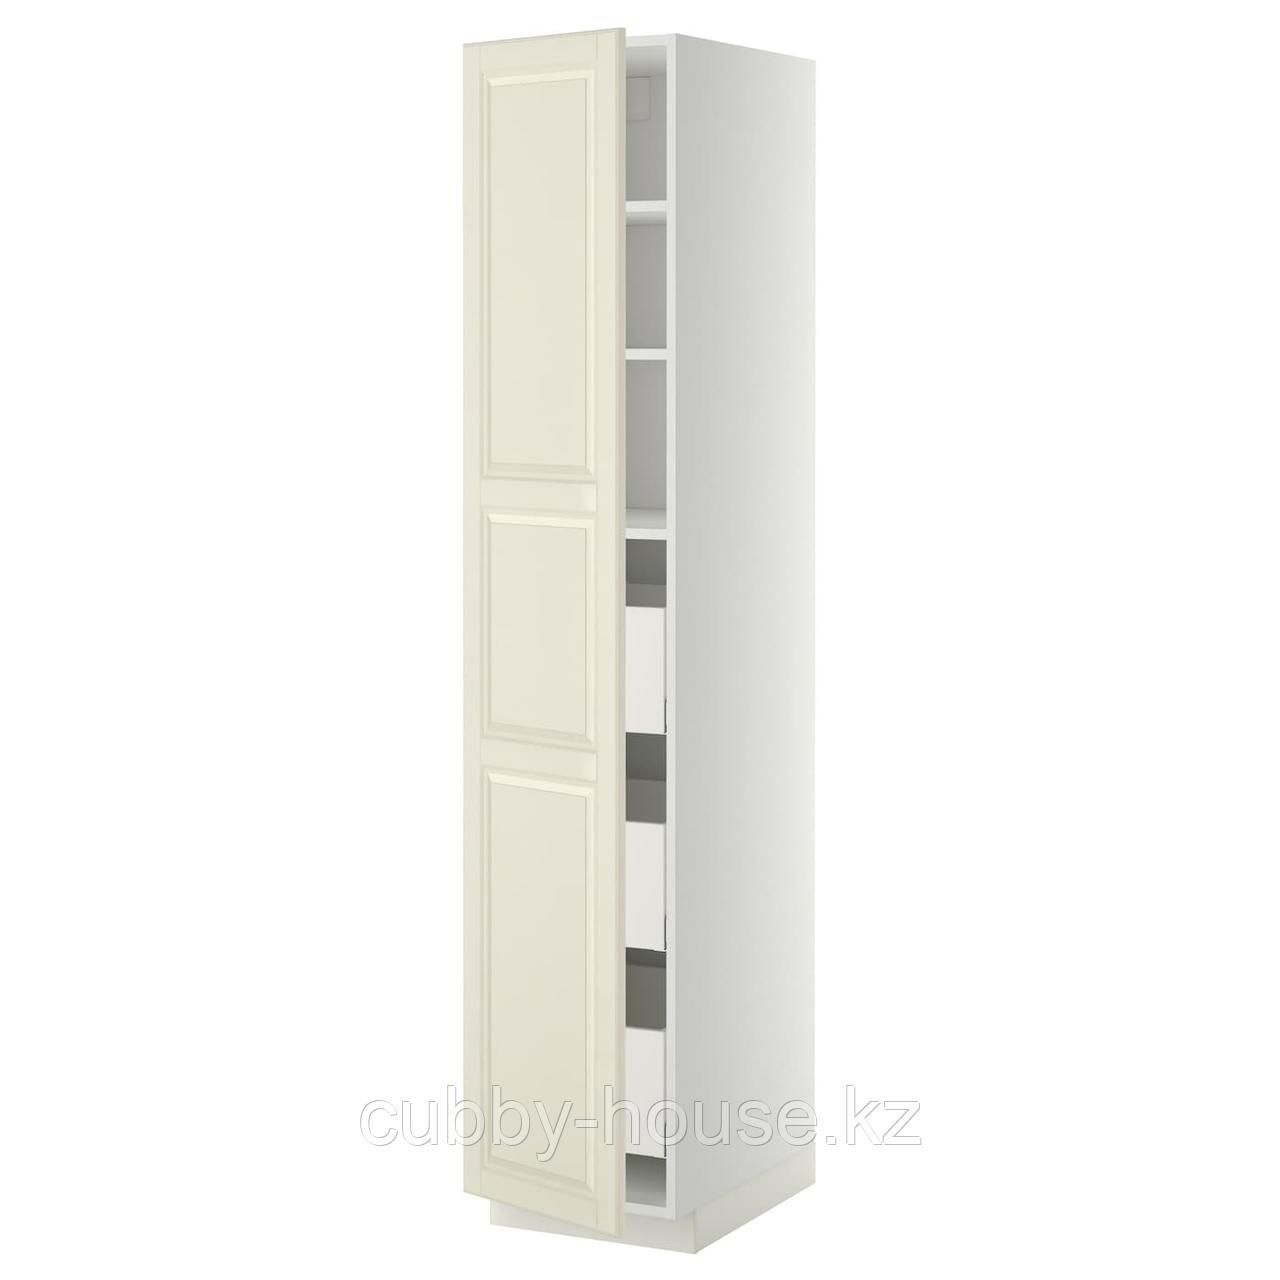 МЕТОД / МАКСИМЕРА Высокий шкаф с ящиками, белый, Будбин белый с оттенком, 40x60x200 см